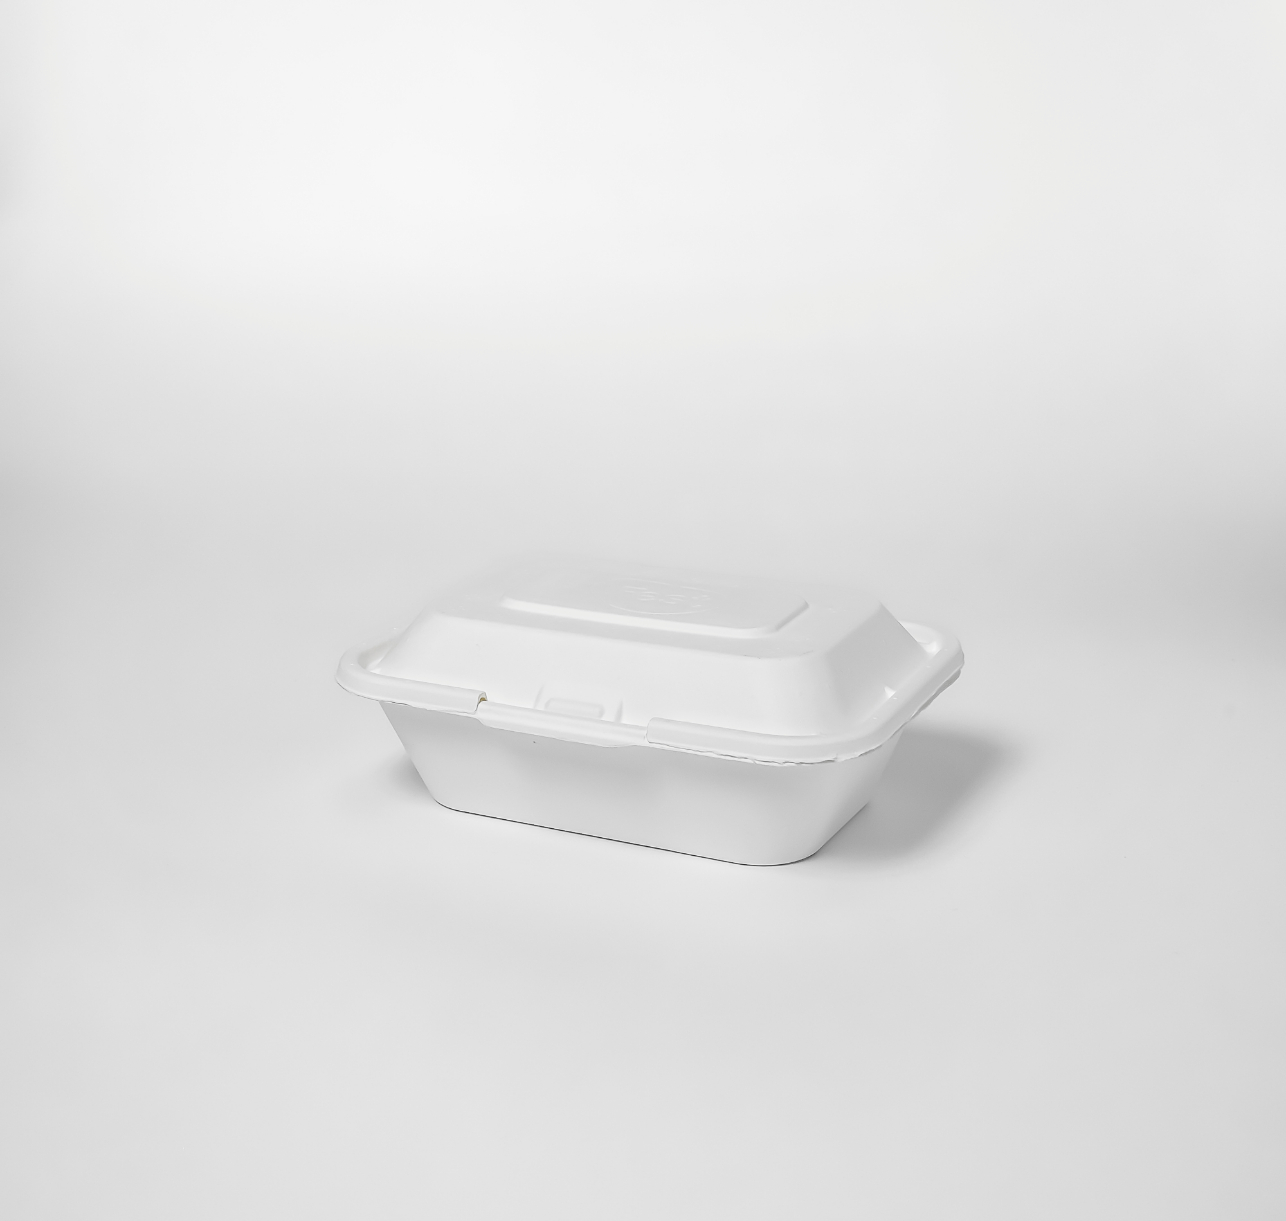 กล่องอาหารเยื่อธรรมชาติ Eco 600ml